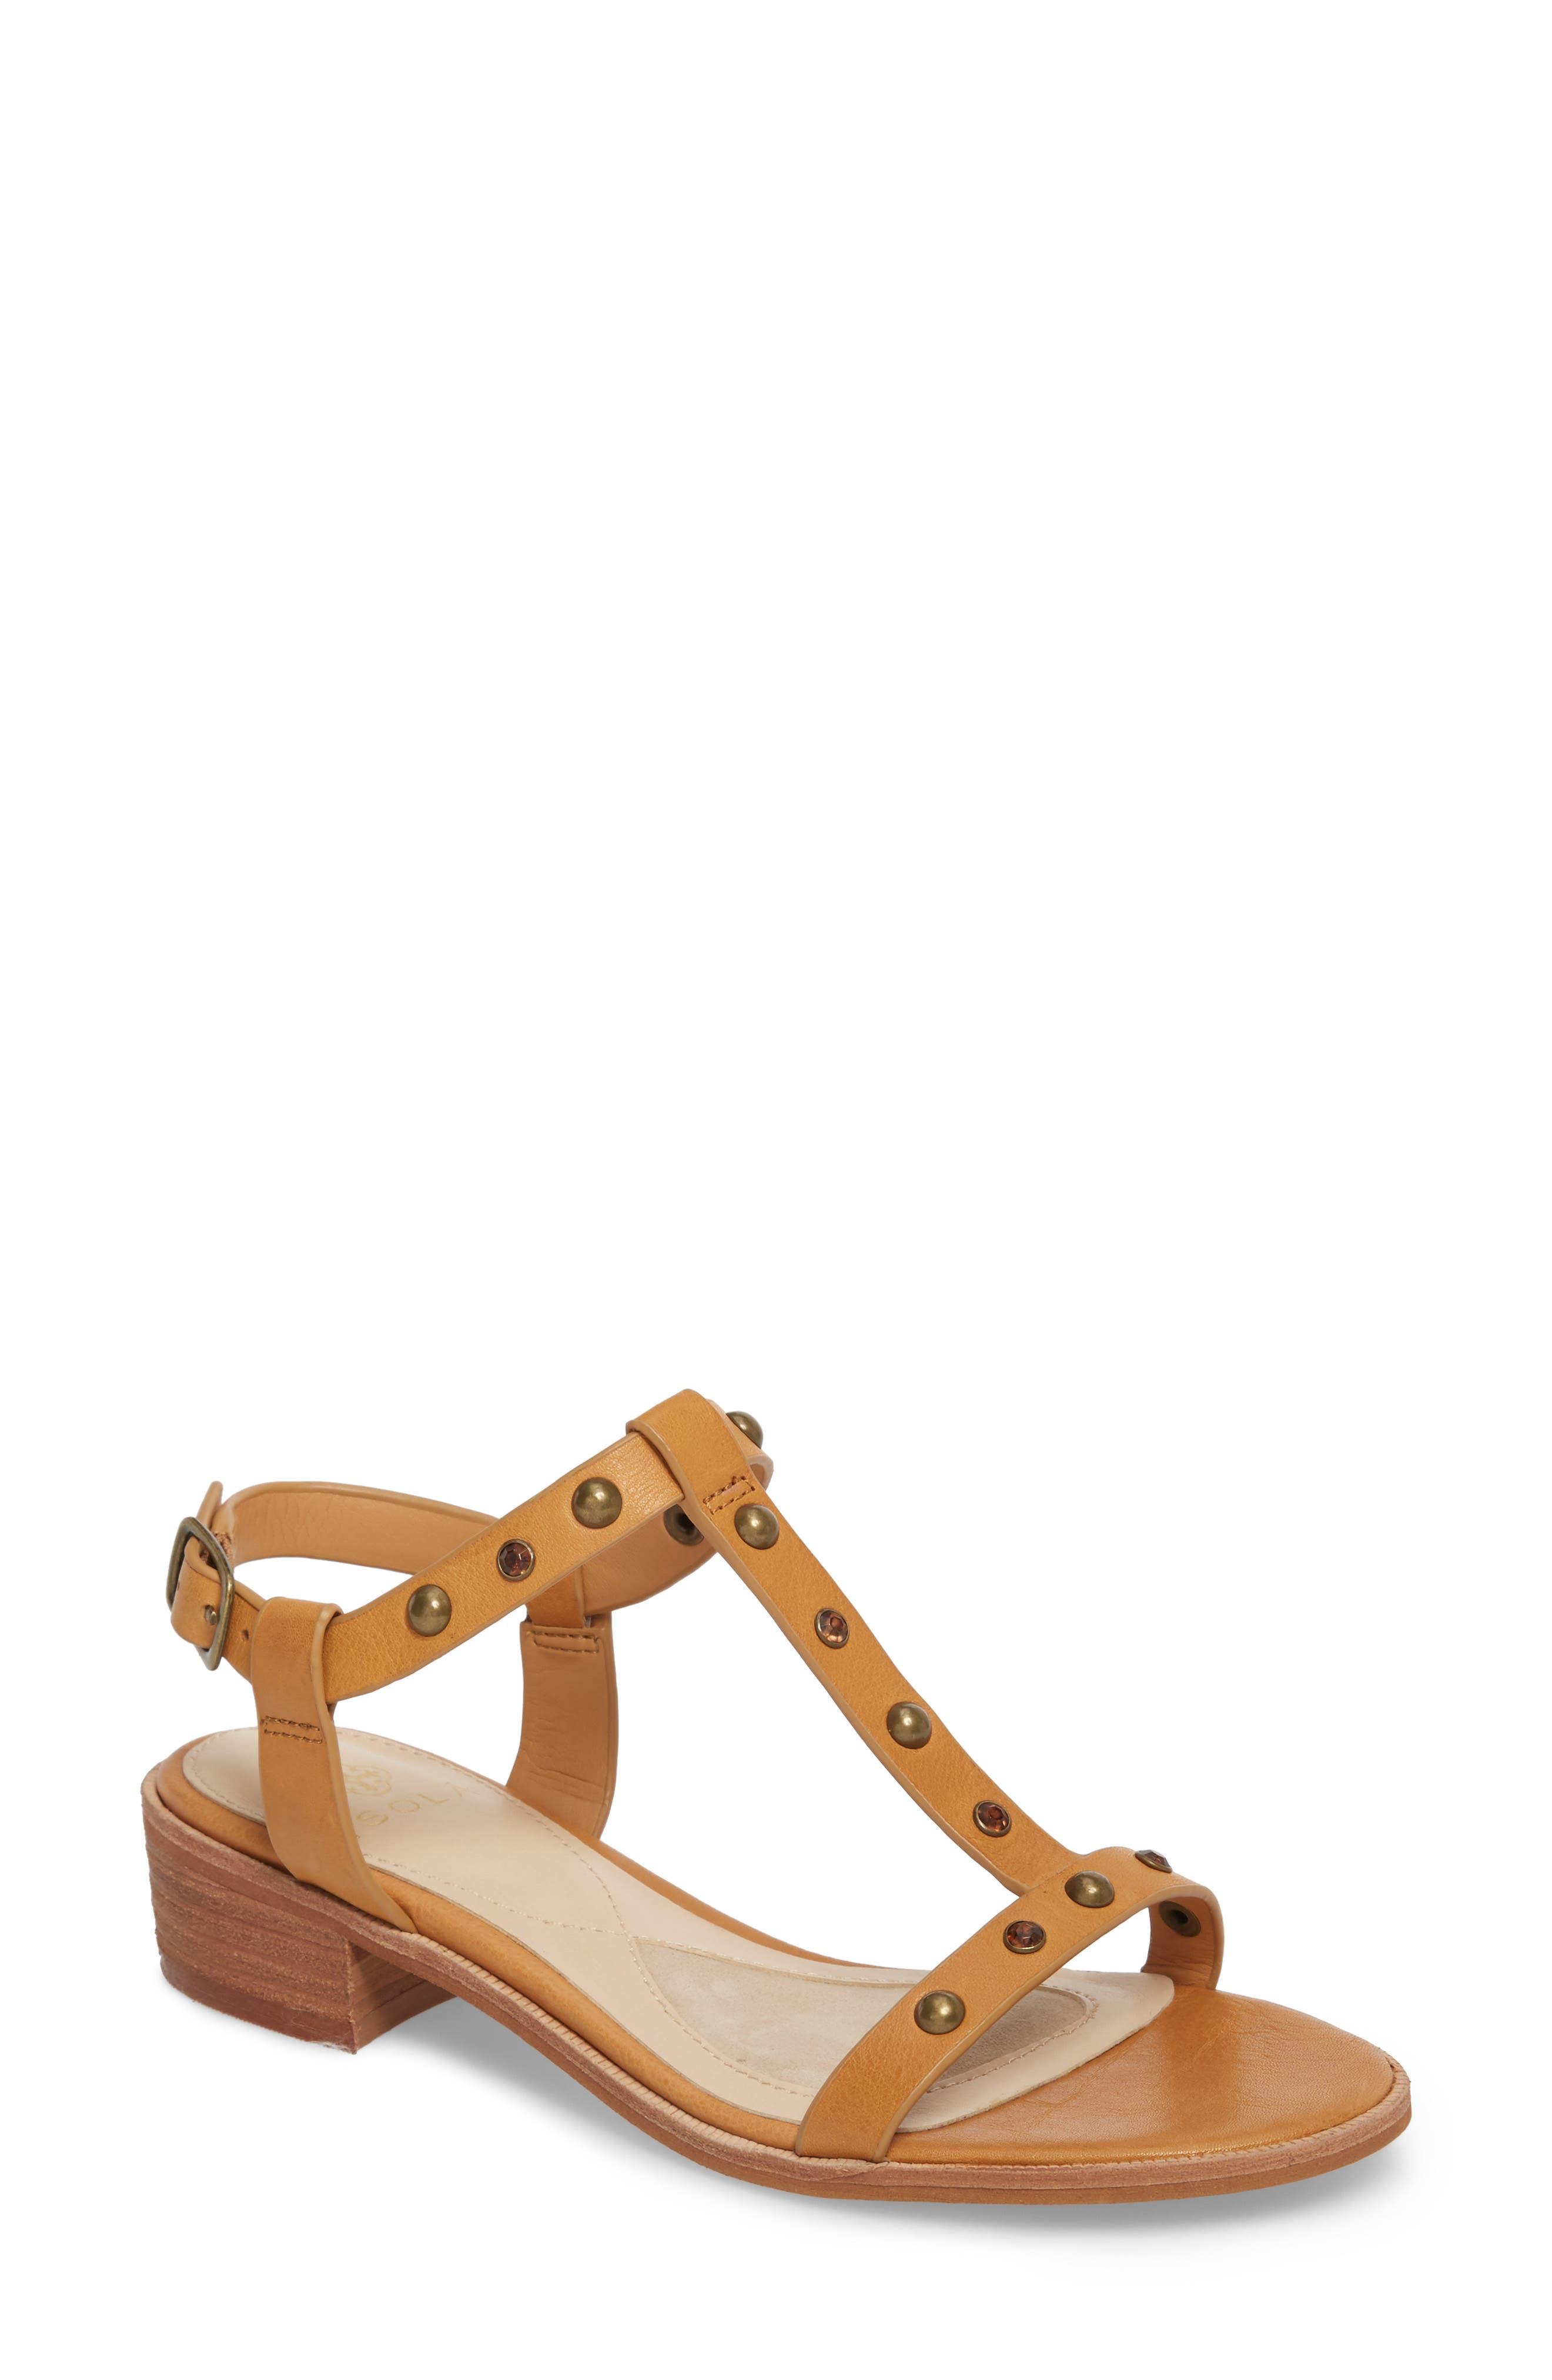 Main Image - Isolá Giana Studded Sandal (Women)